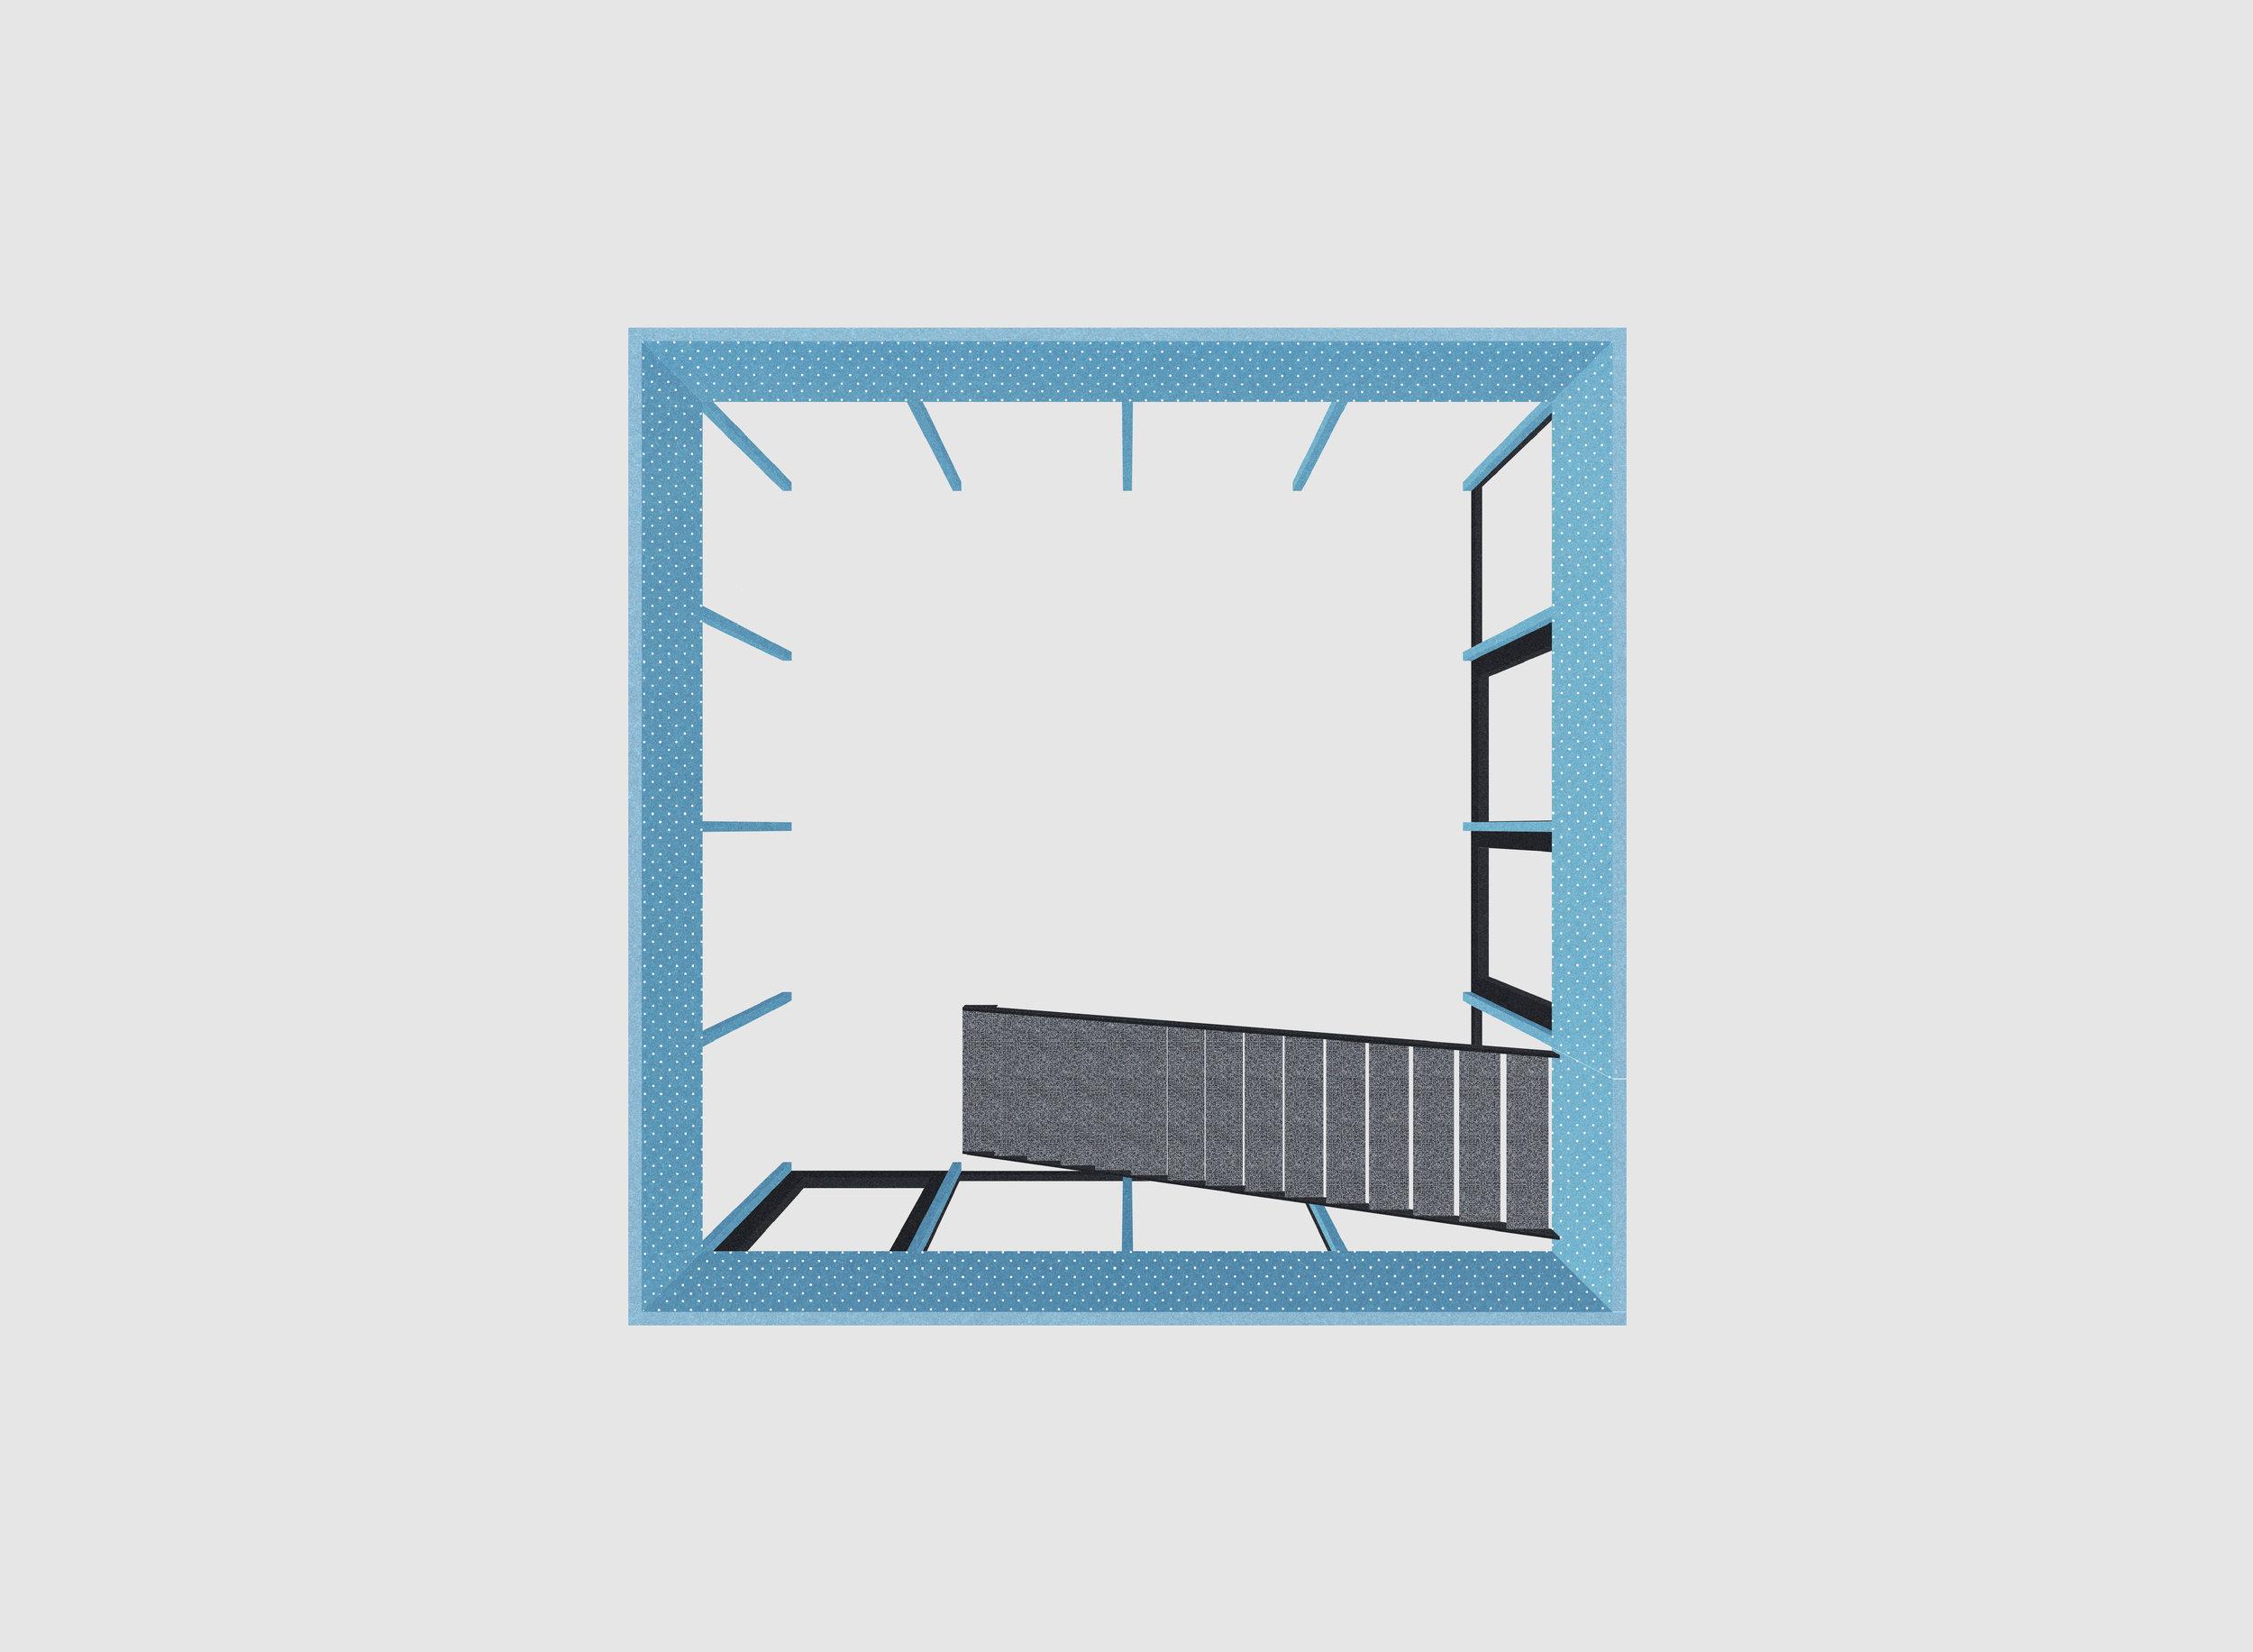 Blue-binder_topview-01-01.jpg